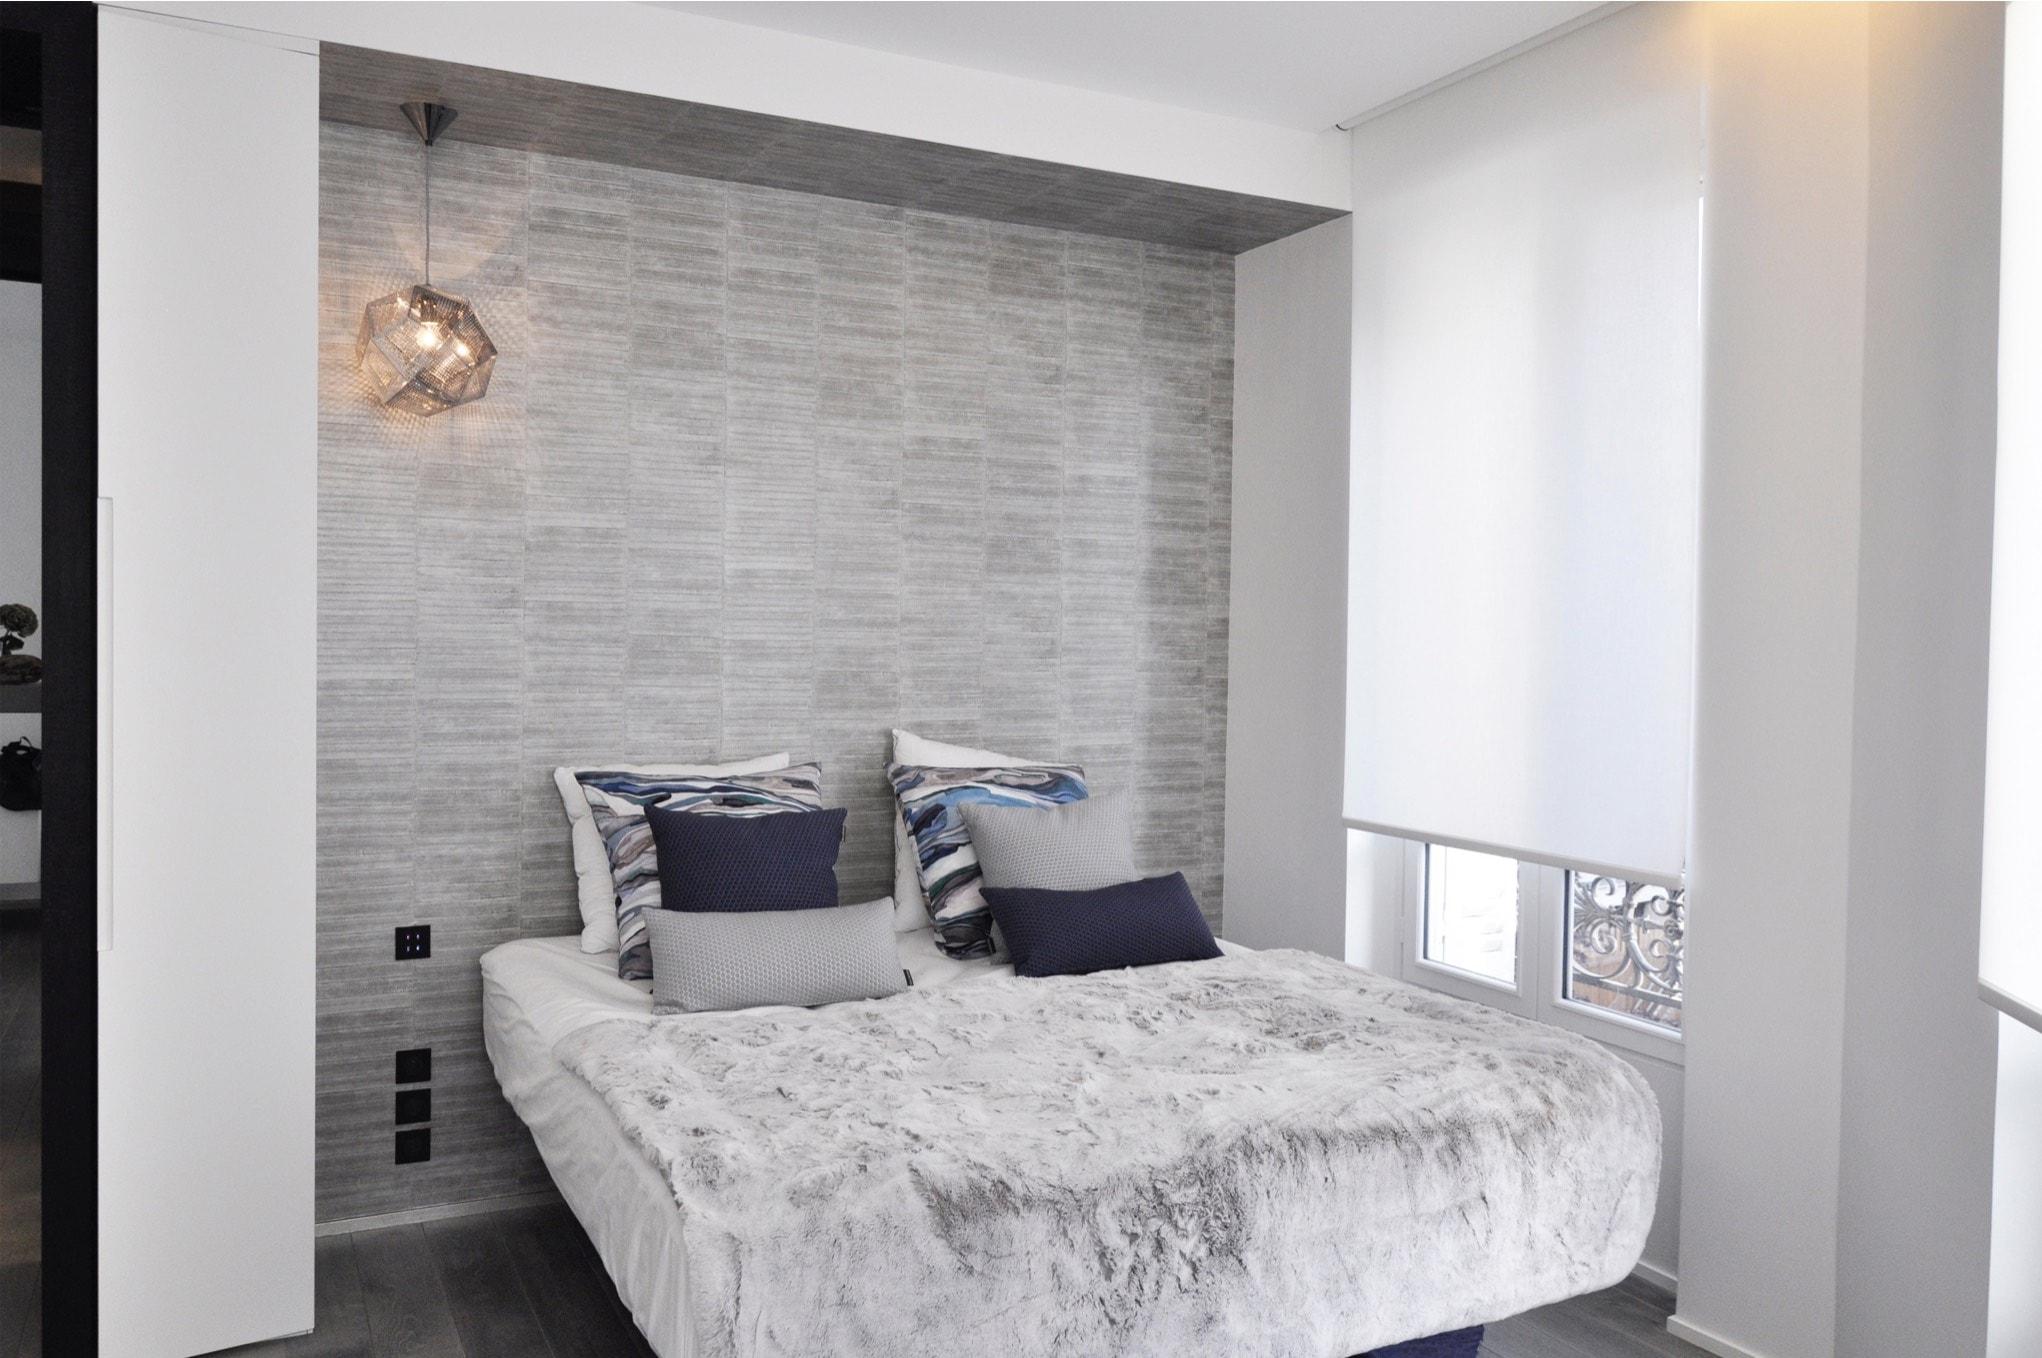 installation domotique r novation design i texier soulas. Black Bedroom Furniture Sets. Home Design Ideas